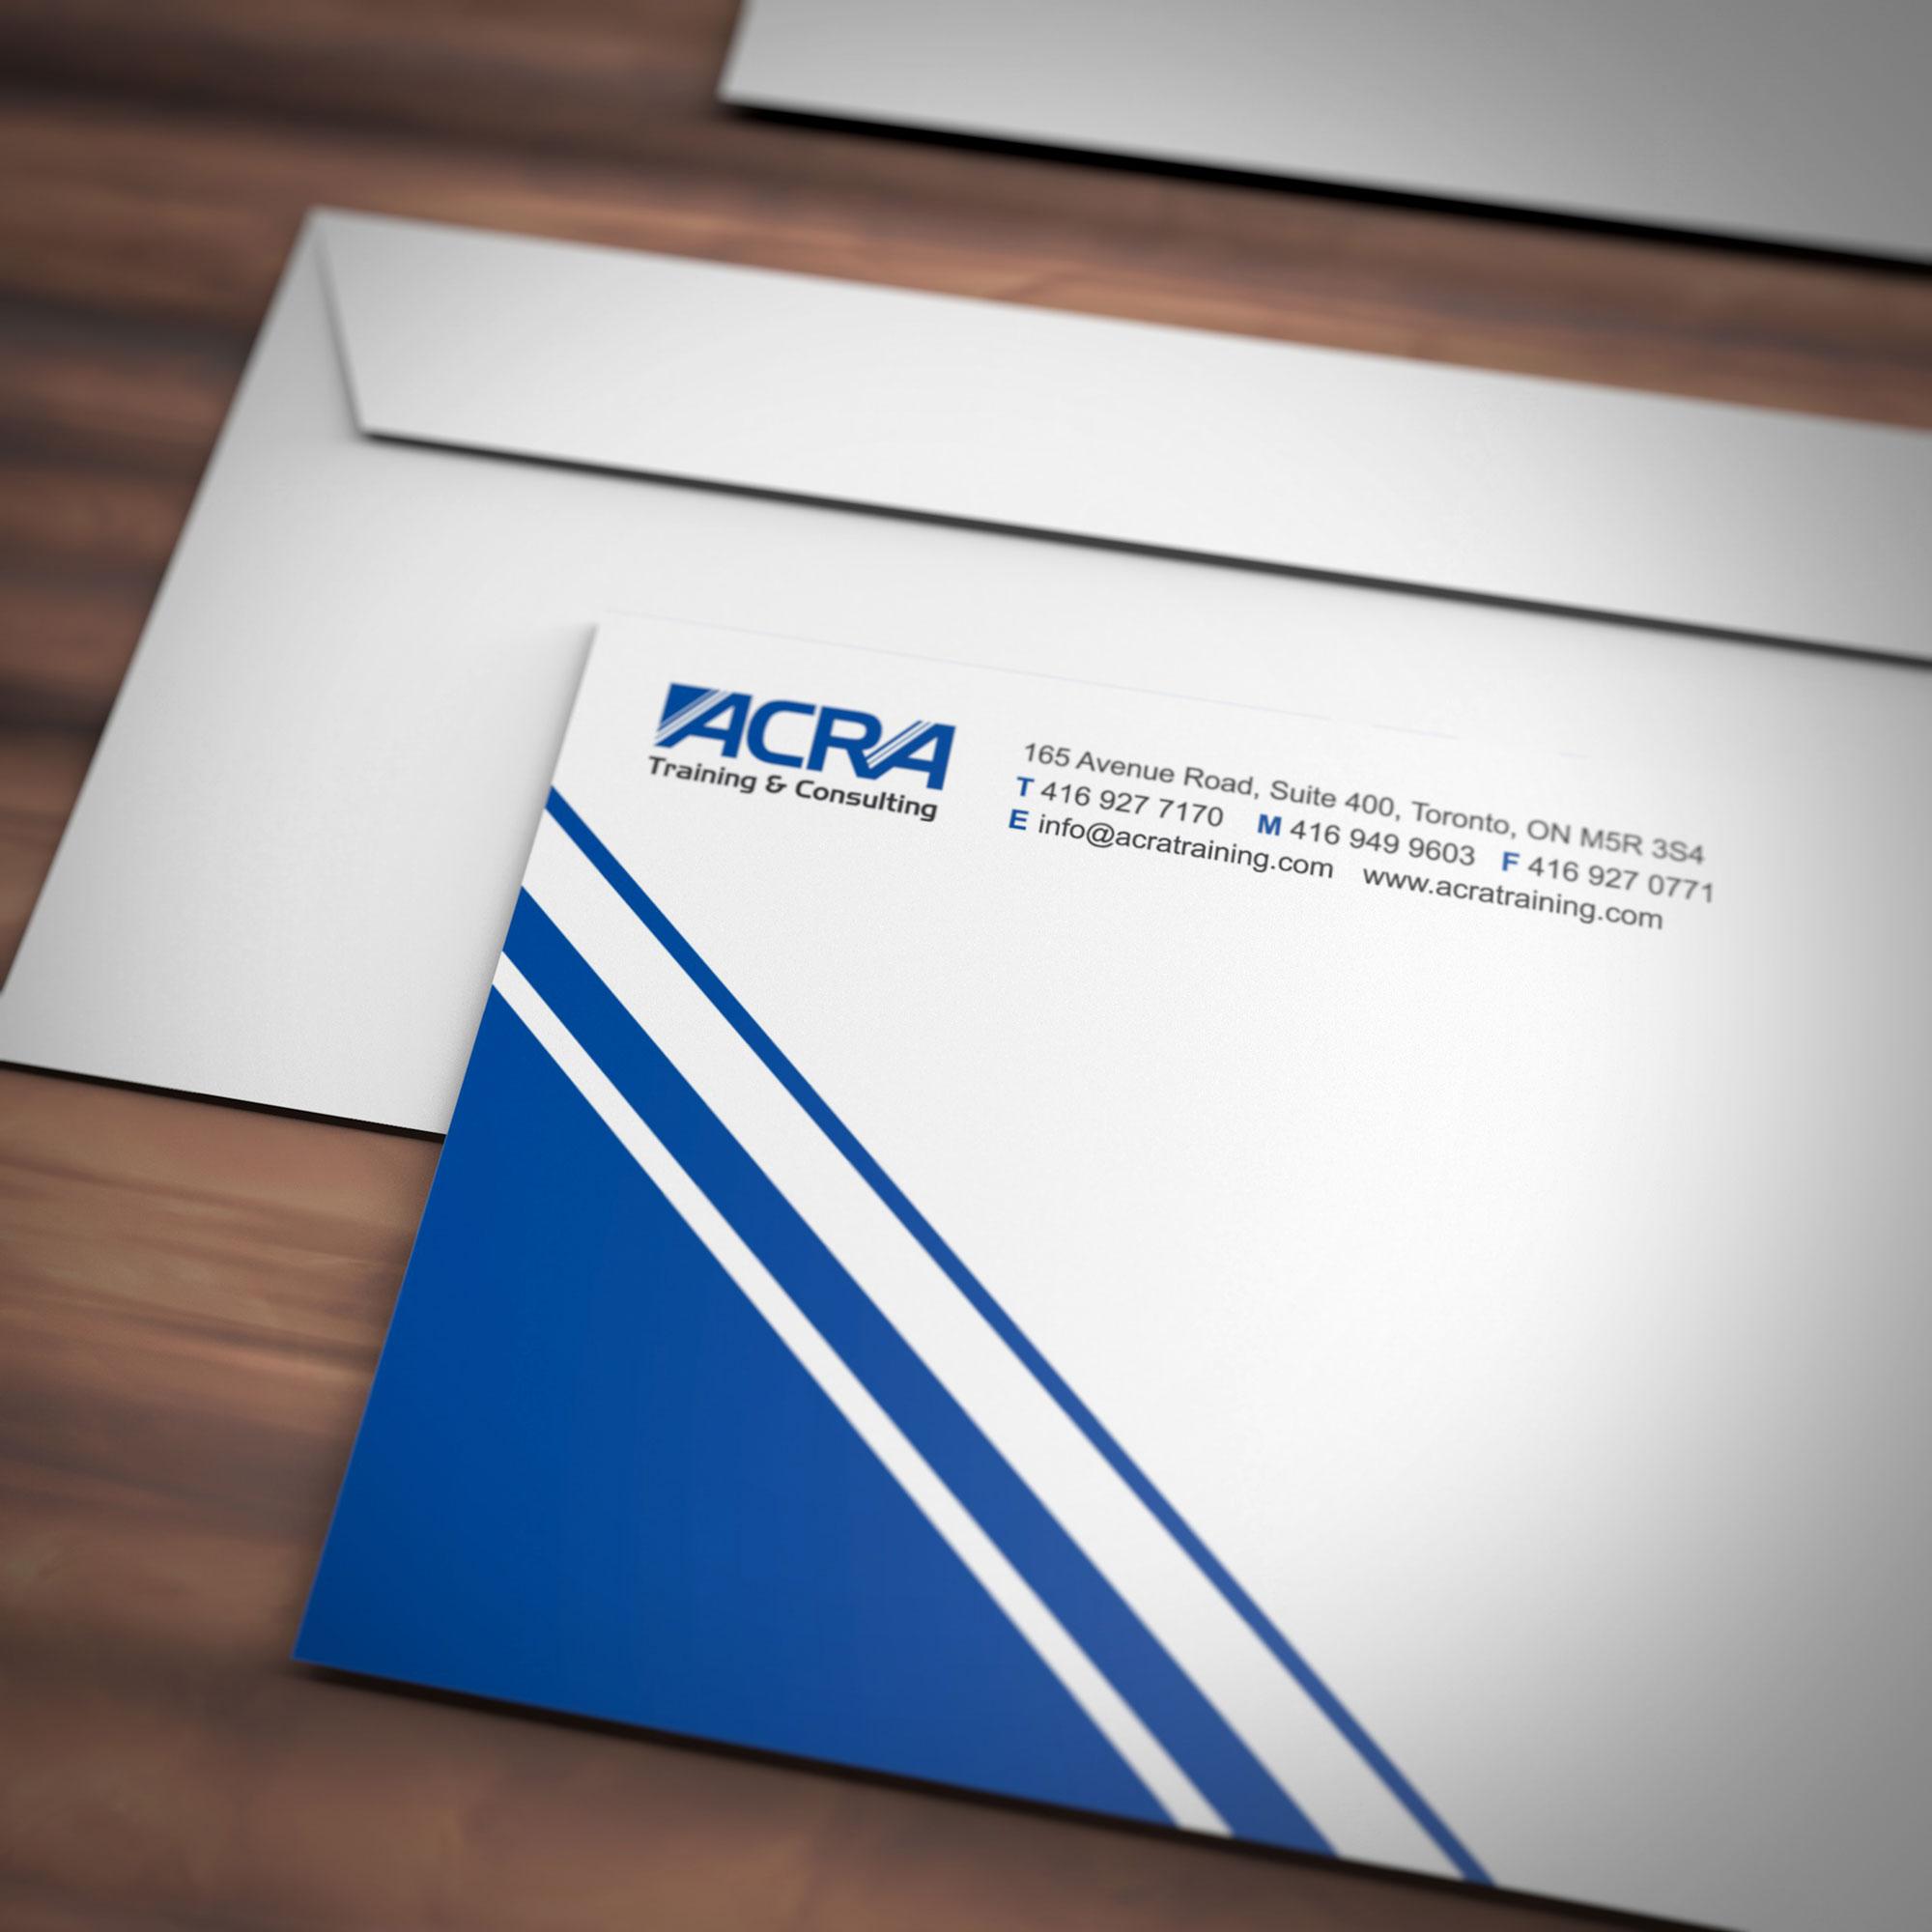 ACRA-envelope